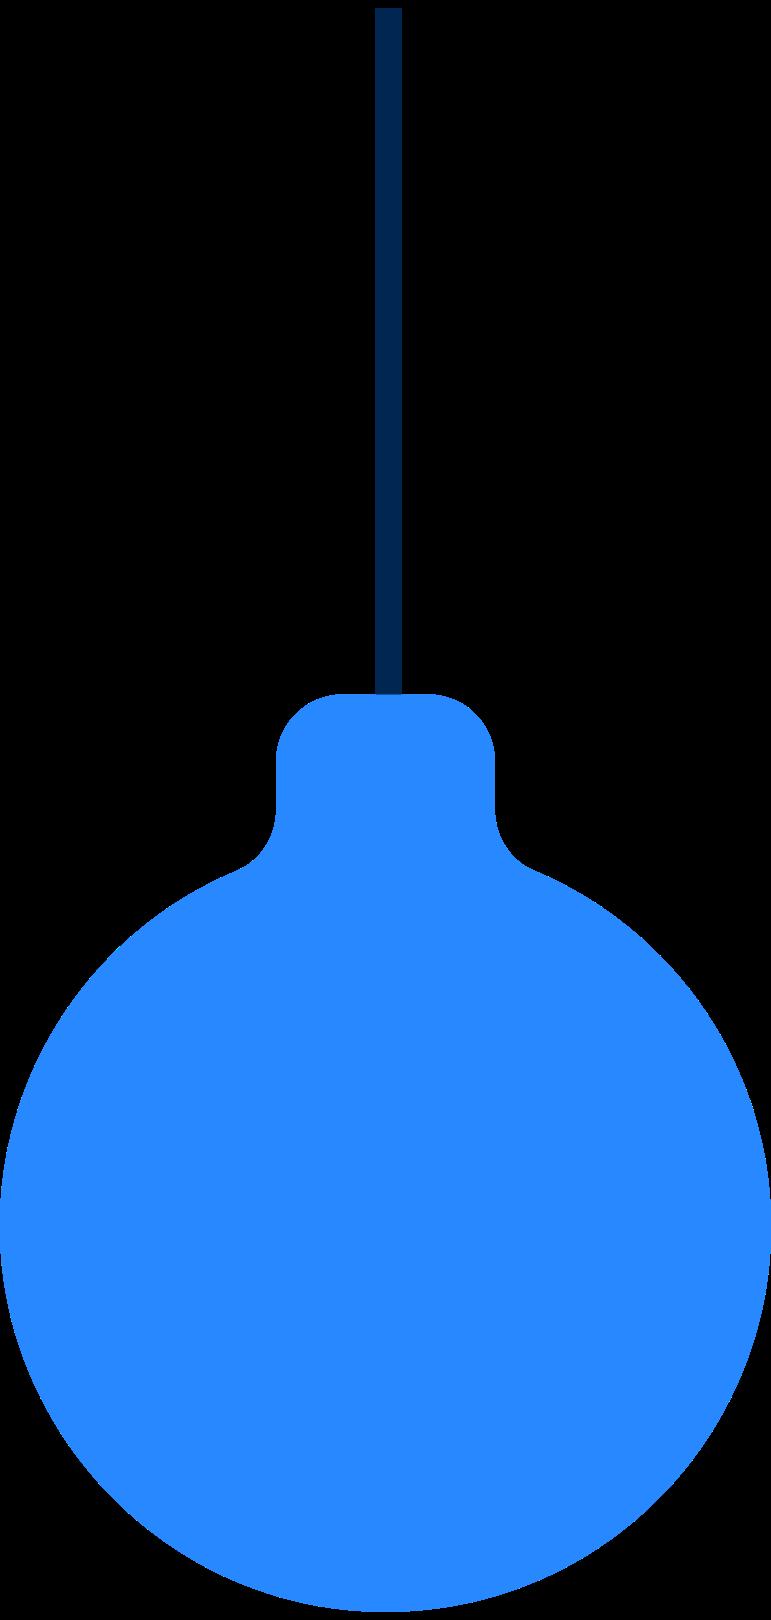 Ilustración de clipart de new year tree ball en PNG, SVG